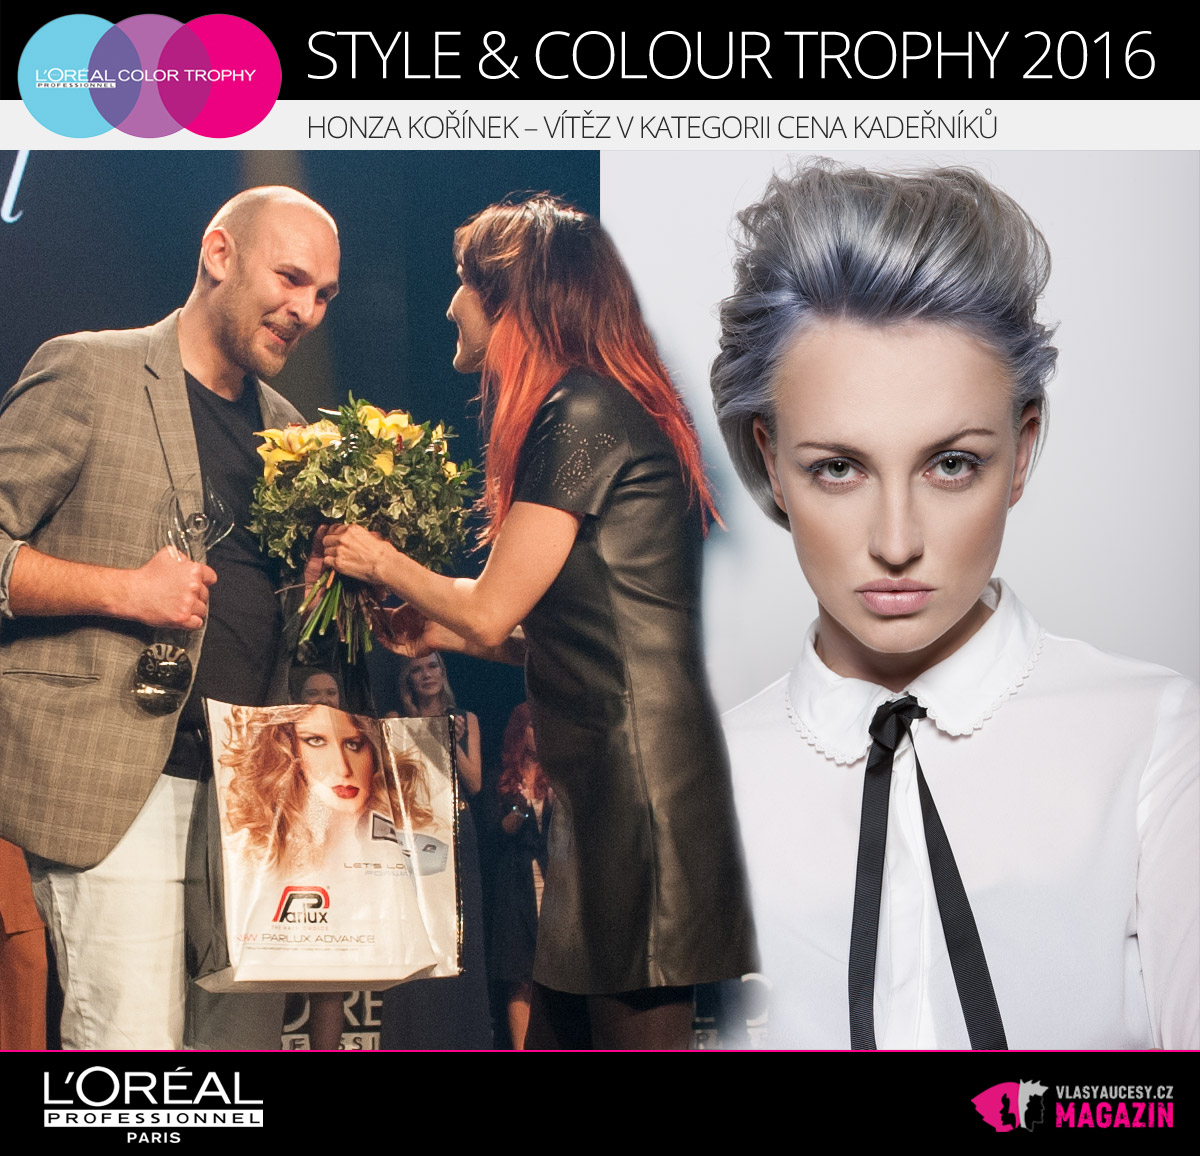 Vítězství v kategorii Cena kadeřníků L'Oréal Style & Colour Trophy 2016 získal Jan Kořínek, majitel Hair Studio Honza Kořínek v Praze.